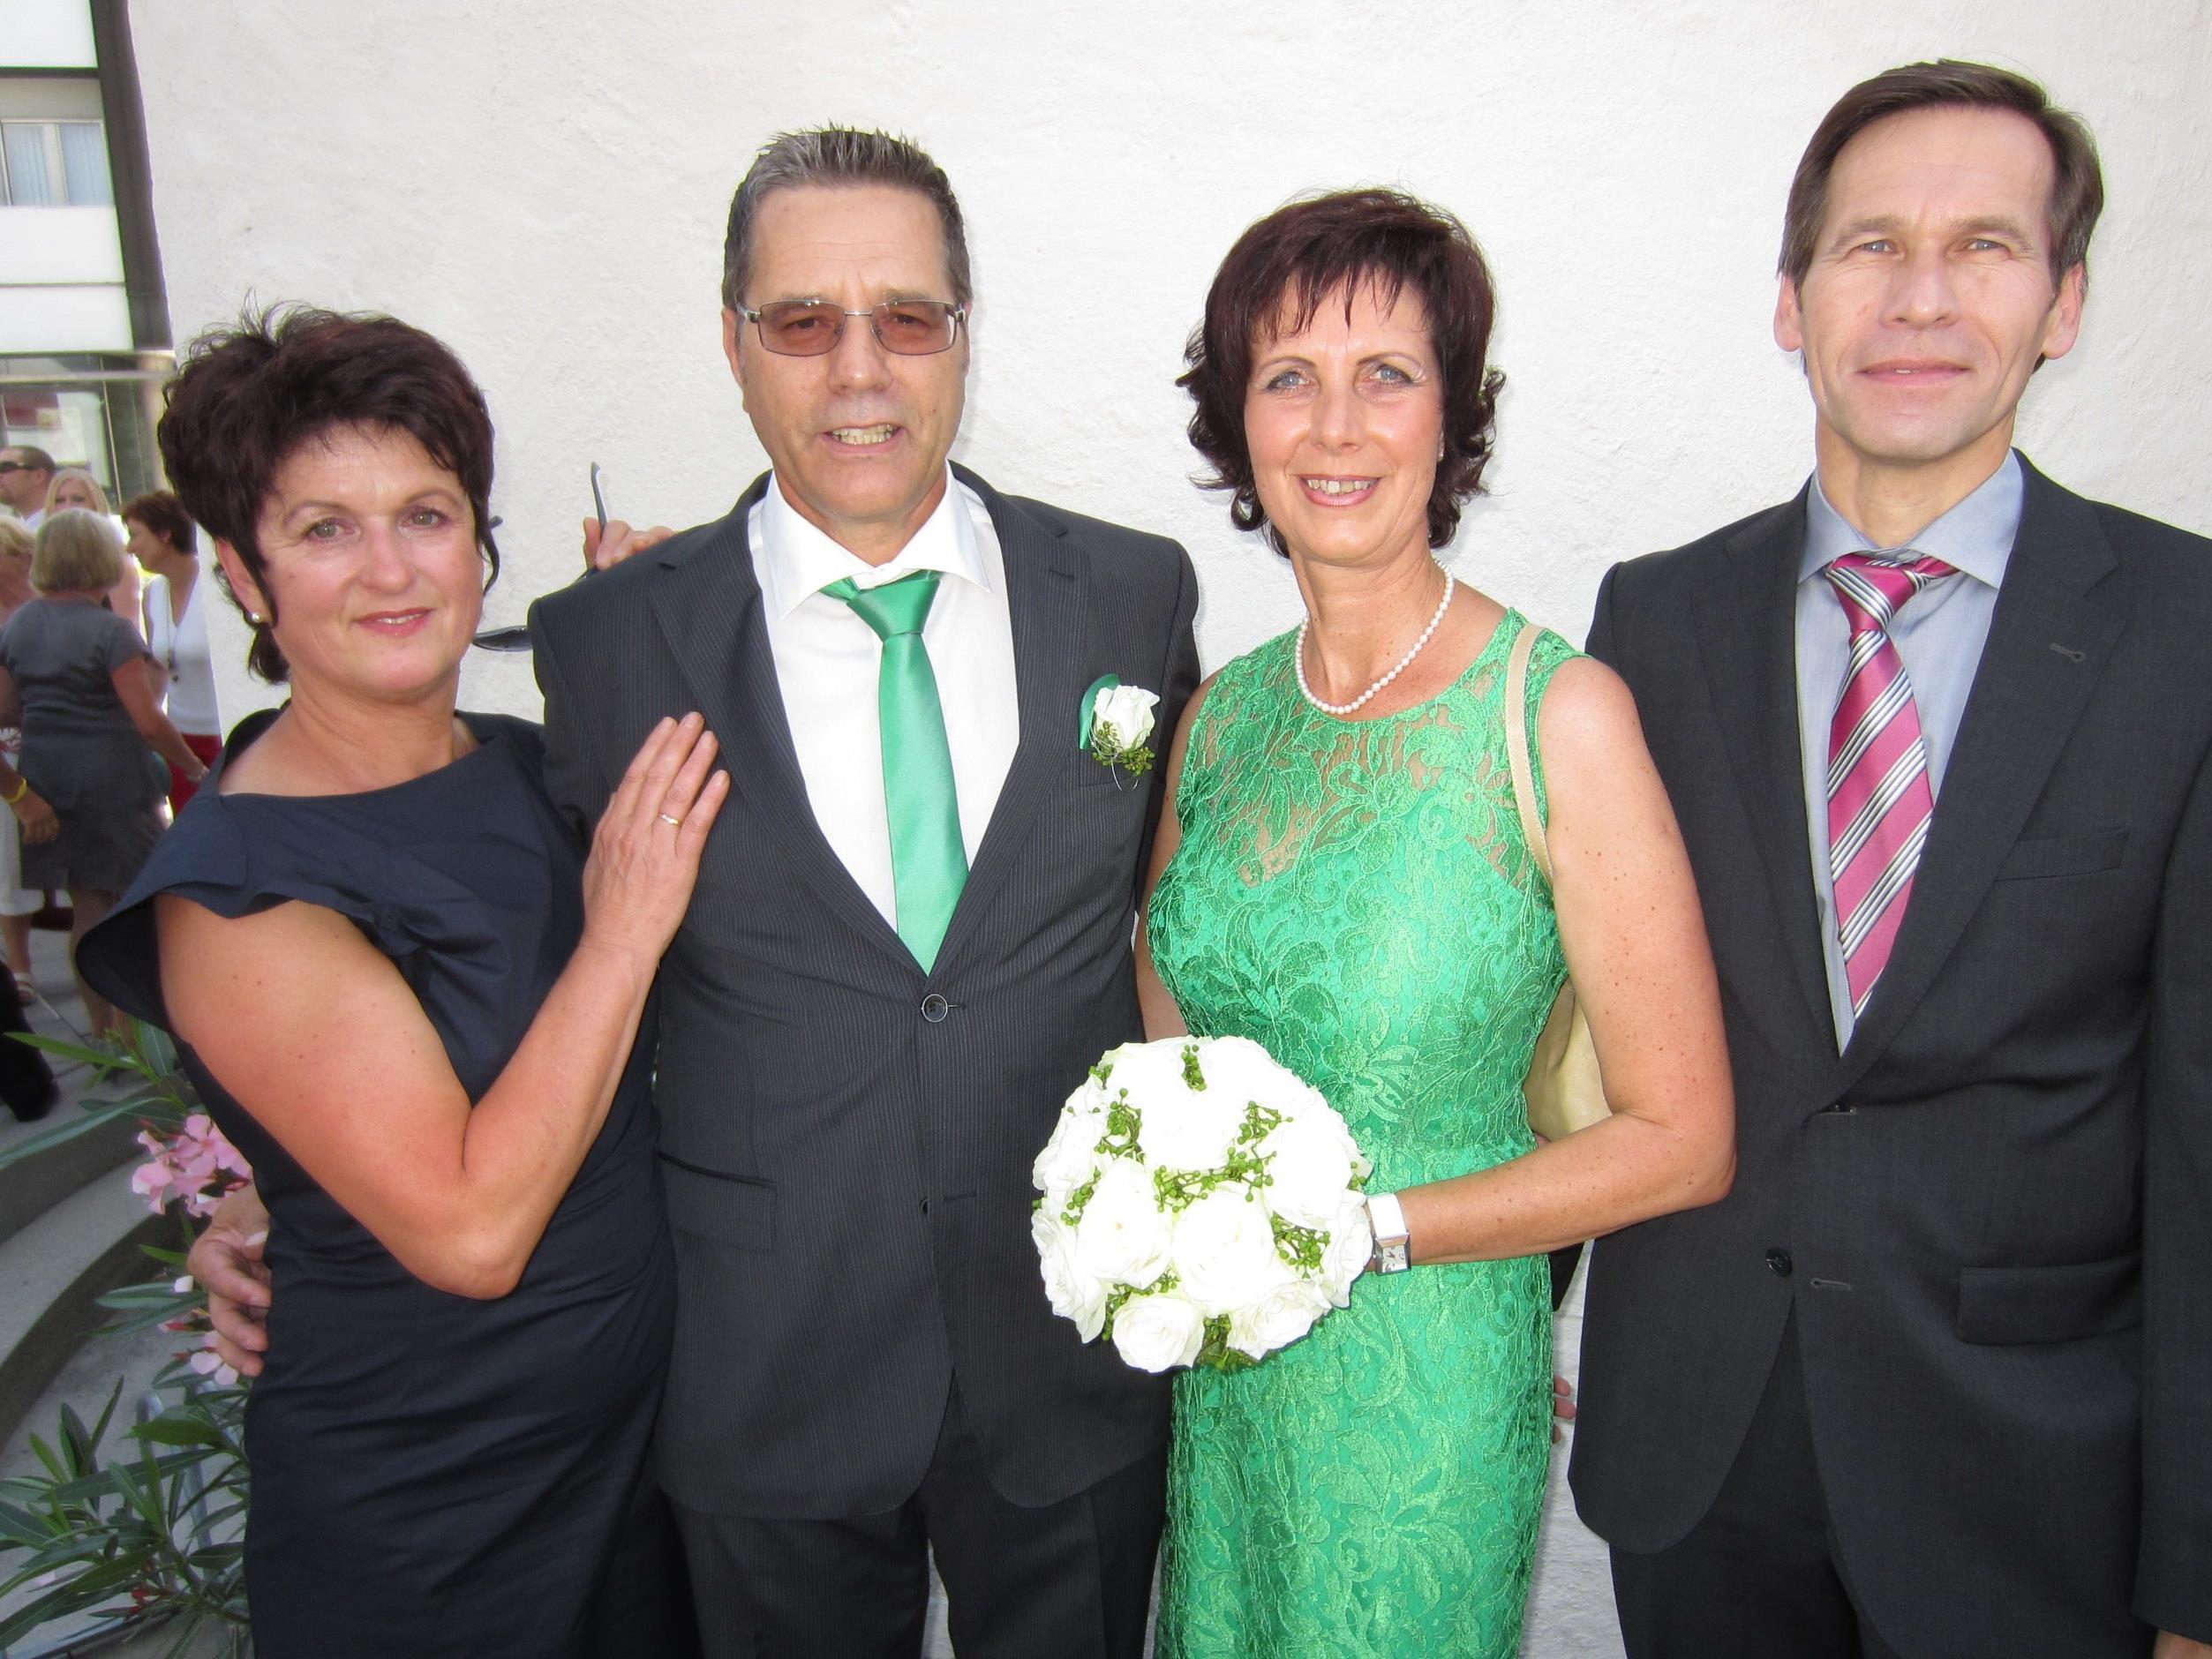 Anita Frank und Michael Dünser haben geheiratet.